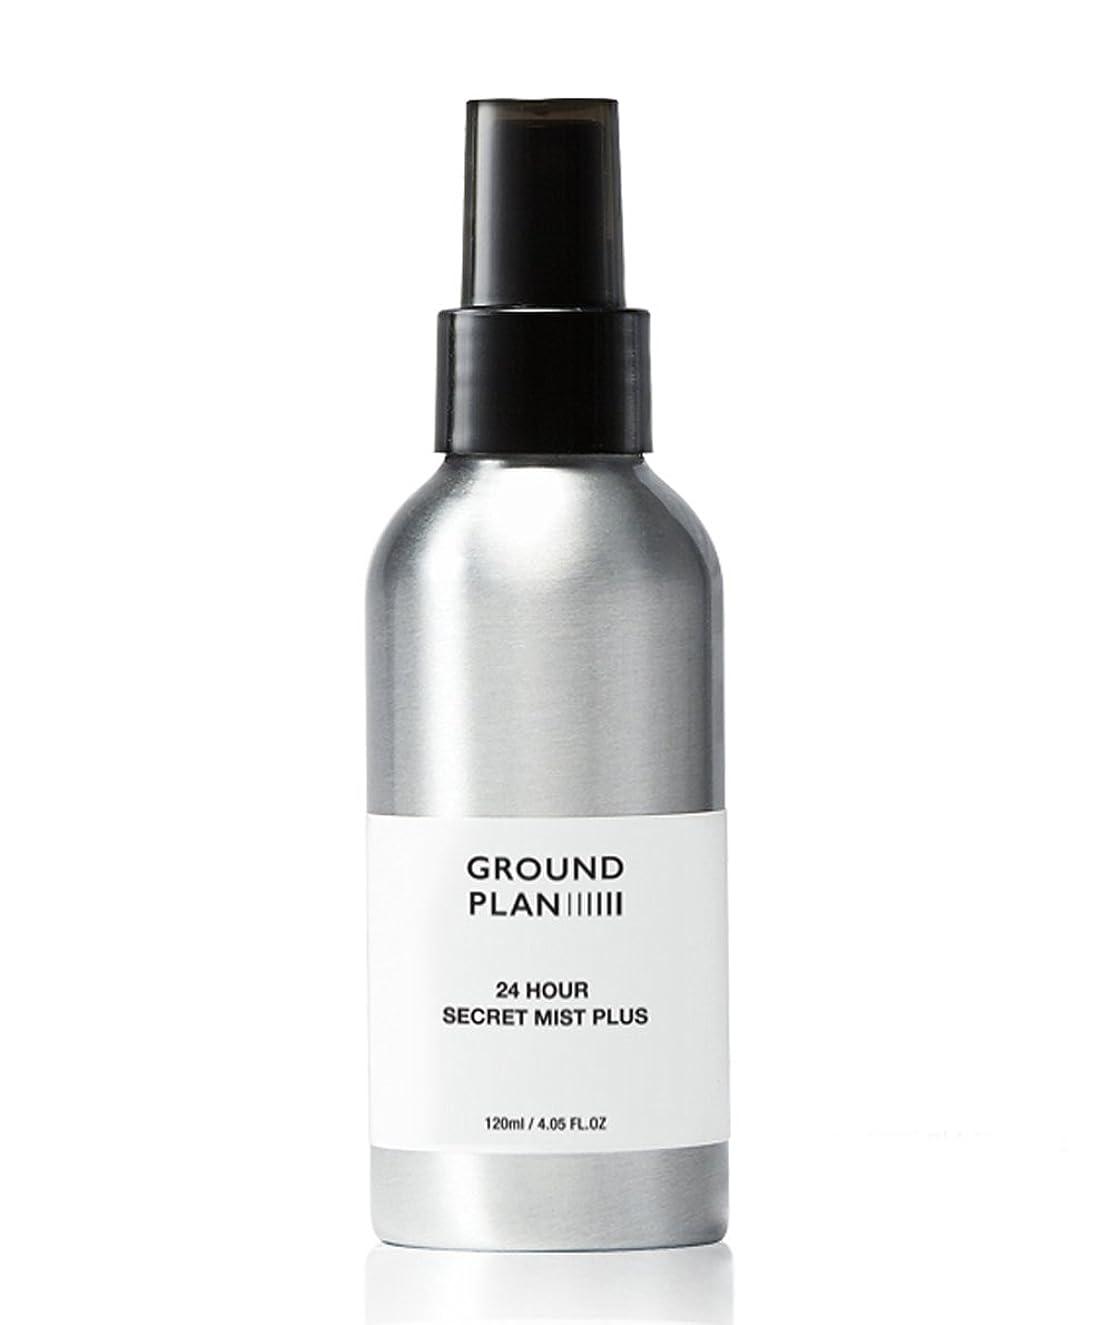 無効教交通渋滞[グラウンド?プラン] 24Hour 秘密 スキンミスト Plus Ground plan 24 Hour Secret Skin Mist Plus [海外直送品] (120ml)